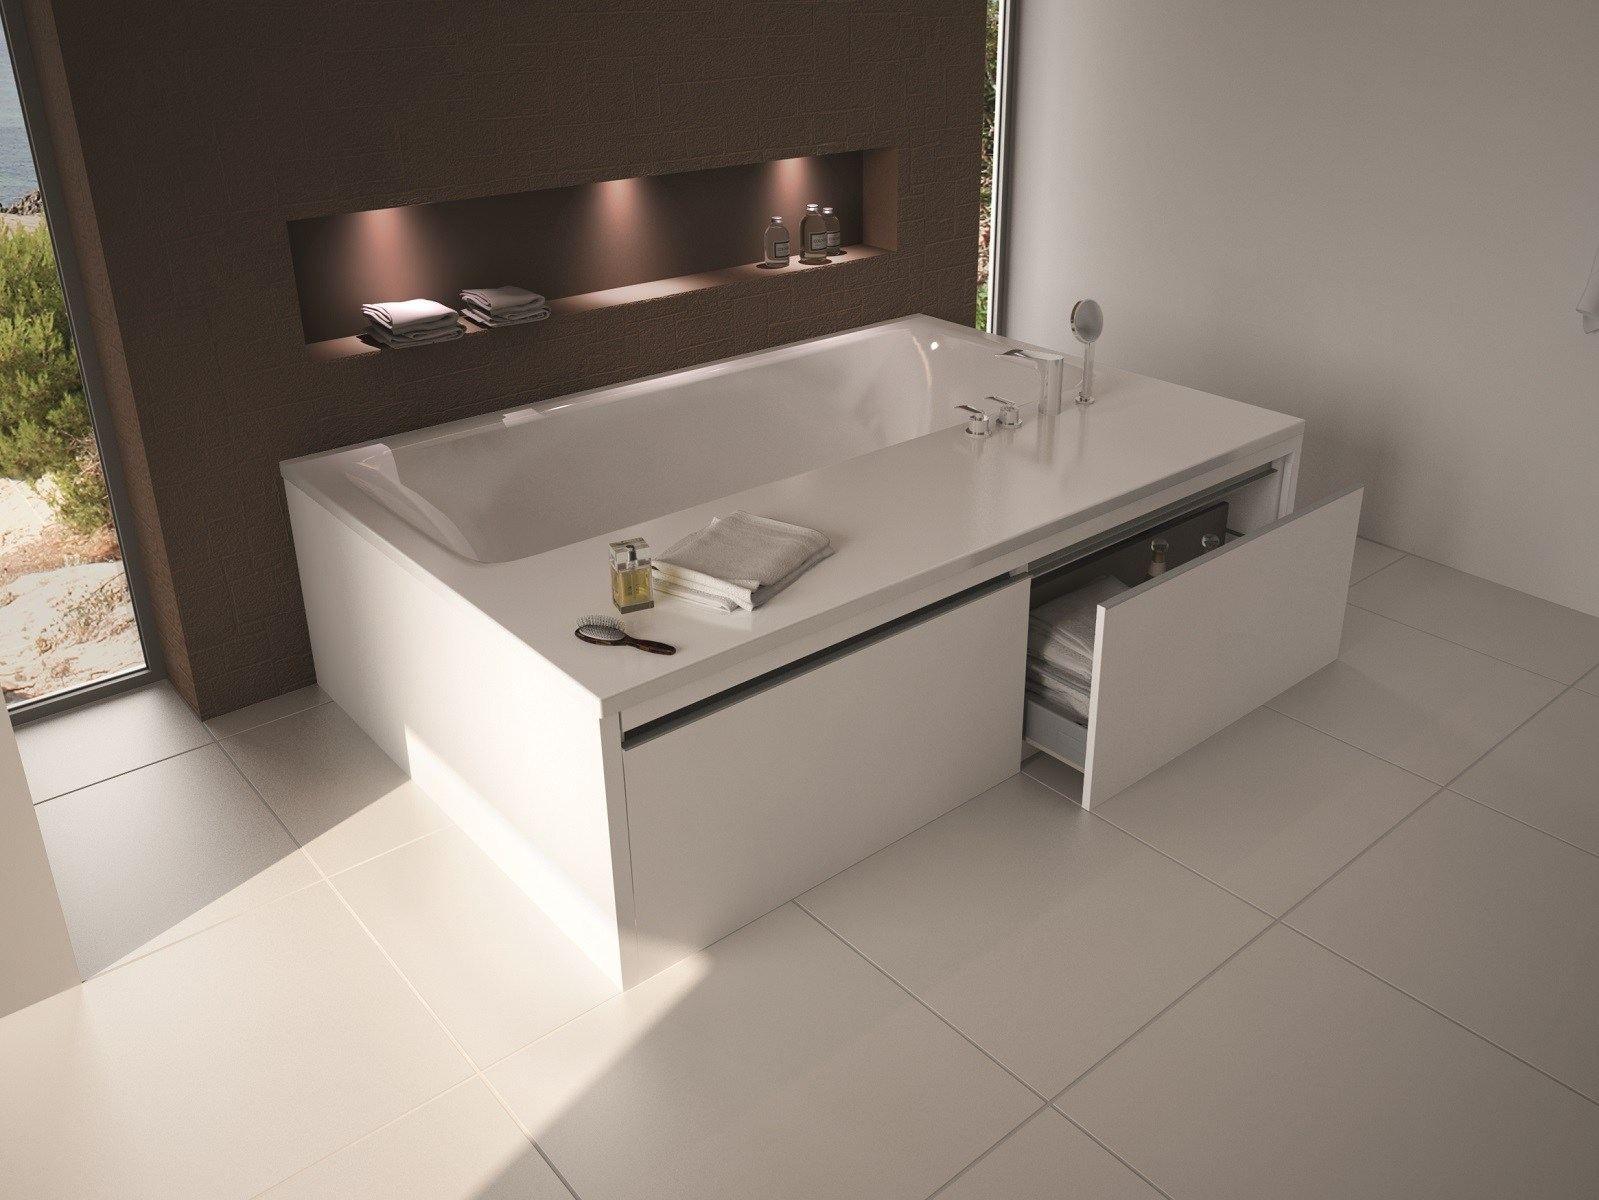 Vasca da bagno rettangolare in acrilico pool solo by - Vasca da bagno acrilico ...